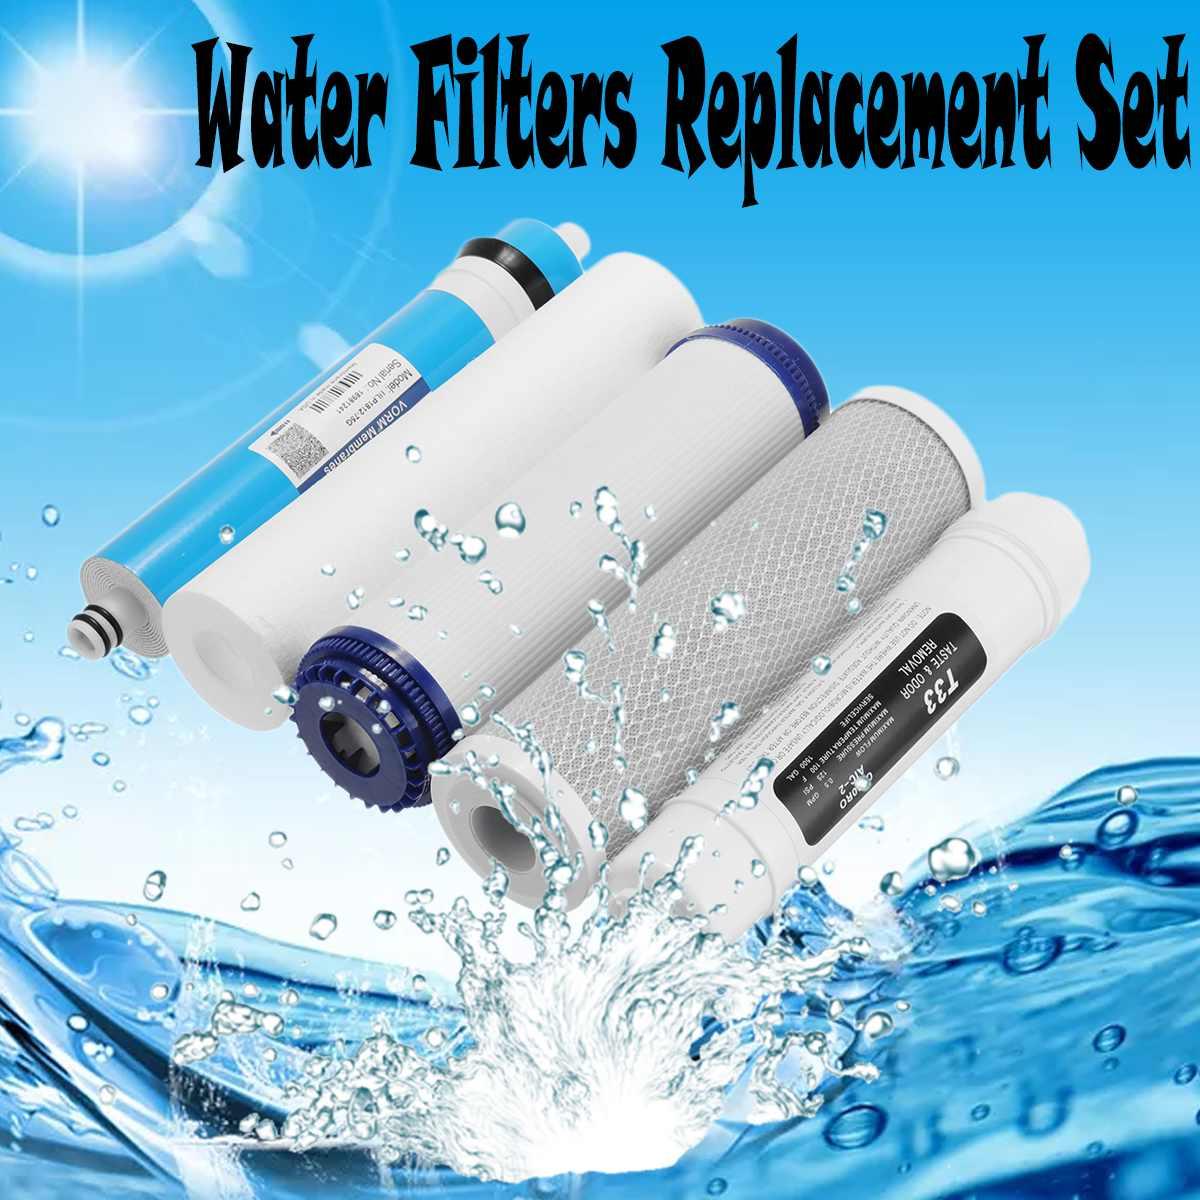 5 stade Osmose Inverse RO filtre à eau Remplacement Ensemble avec cartouche filtre à eau 75 GPD Membrane Ménage purificateur d'eau